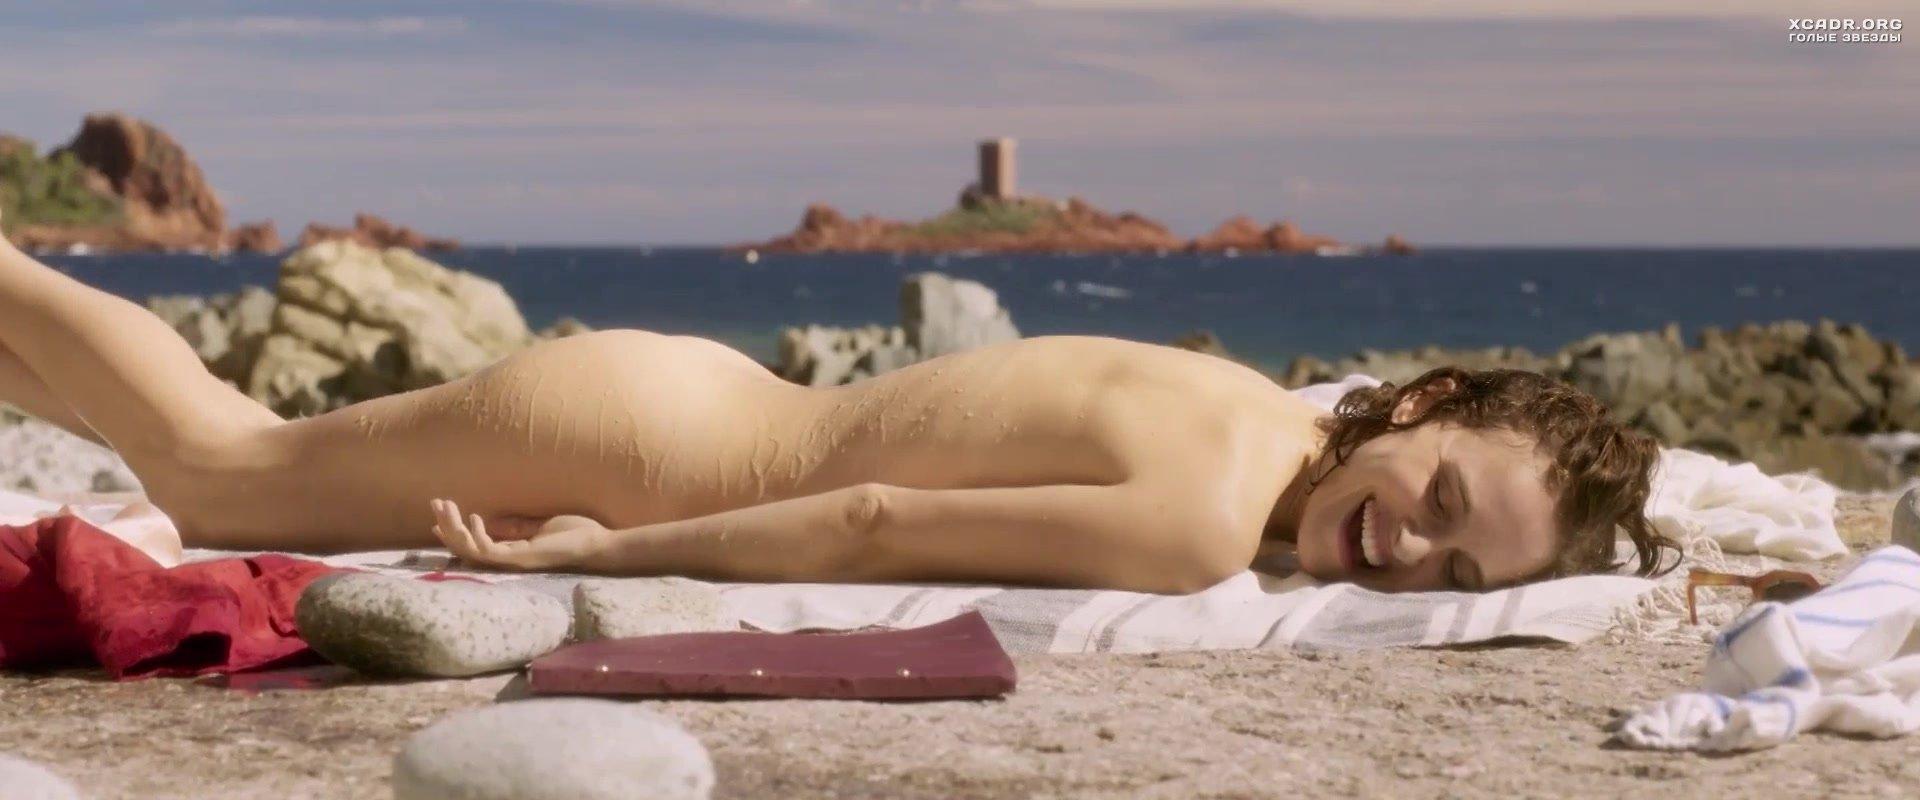 eroticheskie-filmi-pro-plyazh